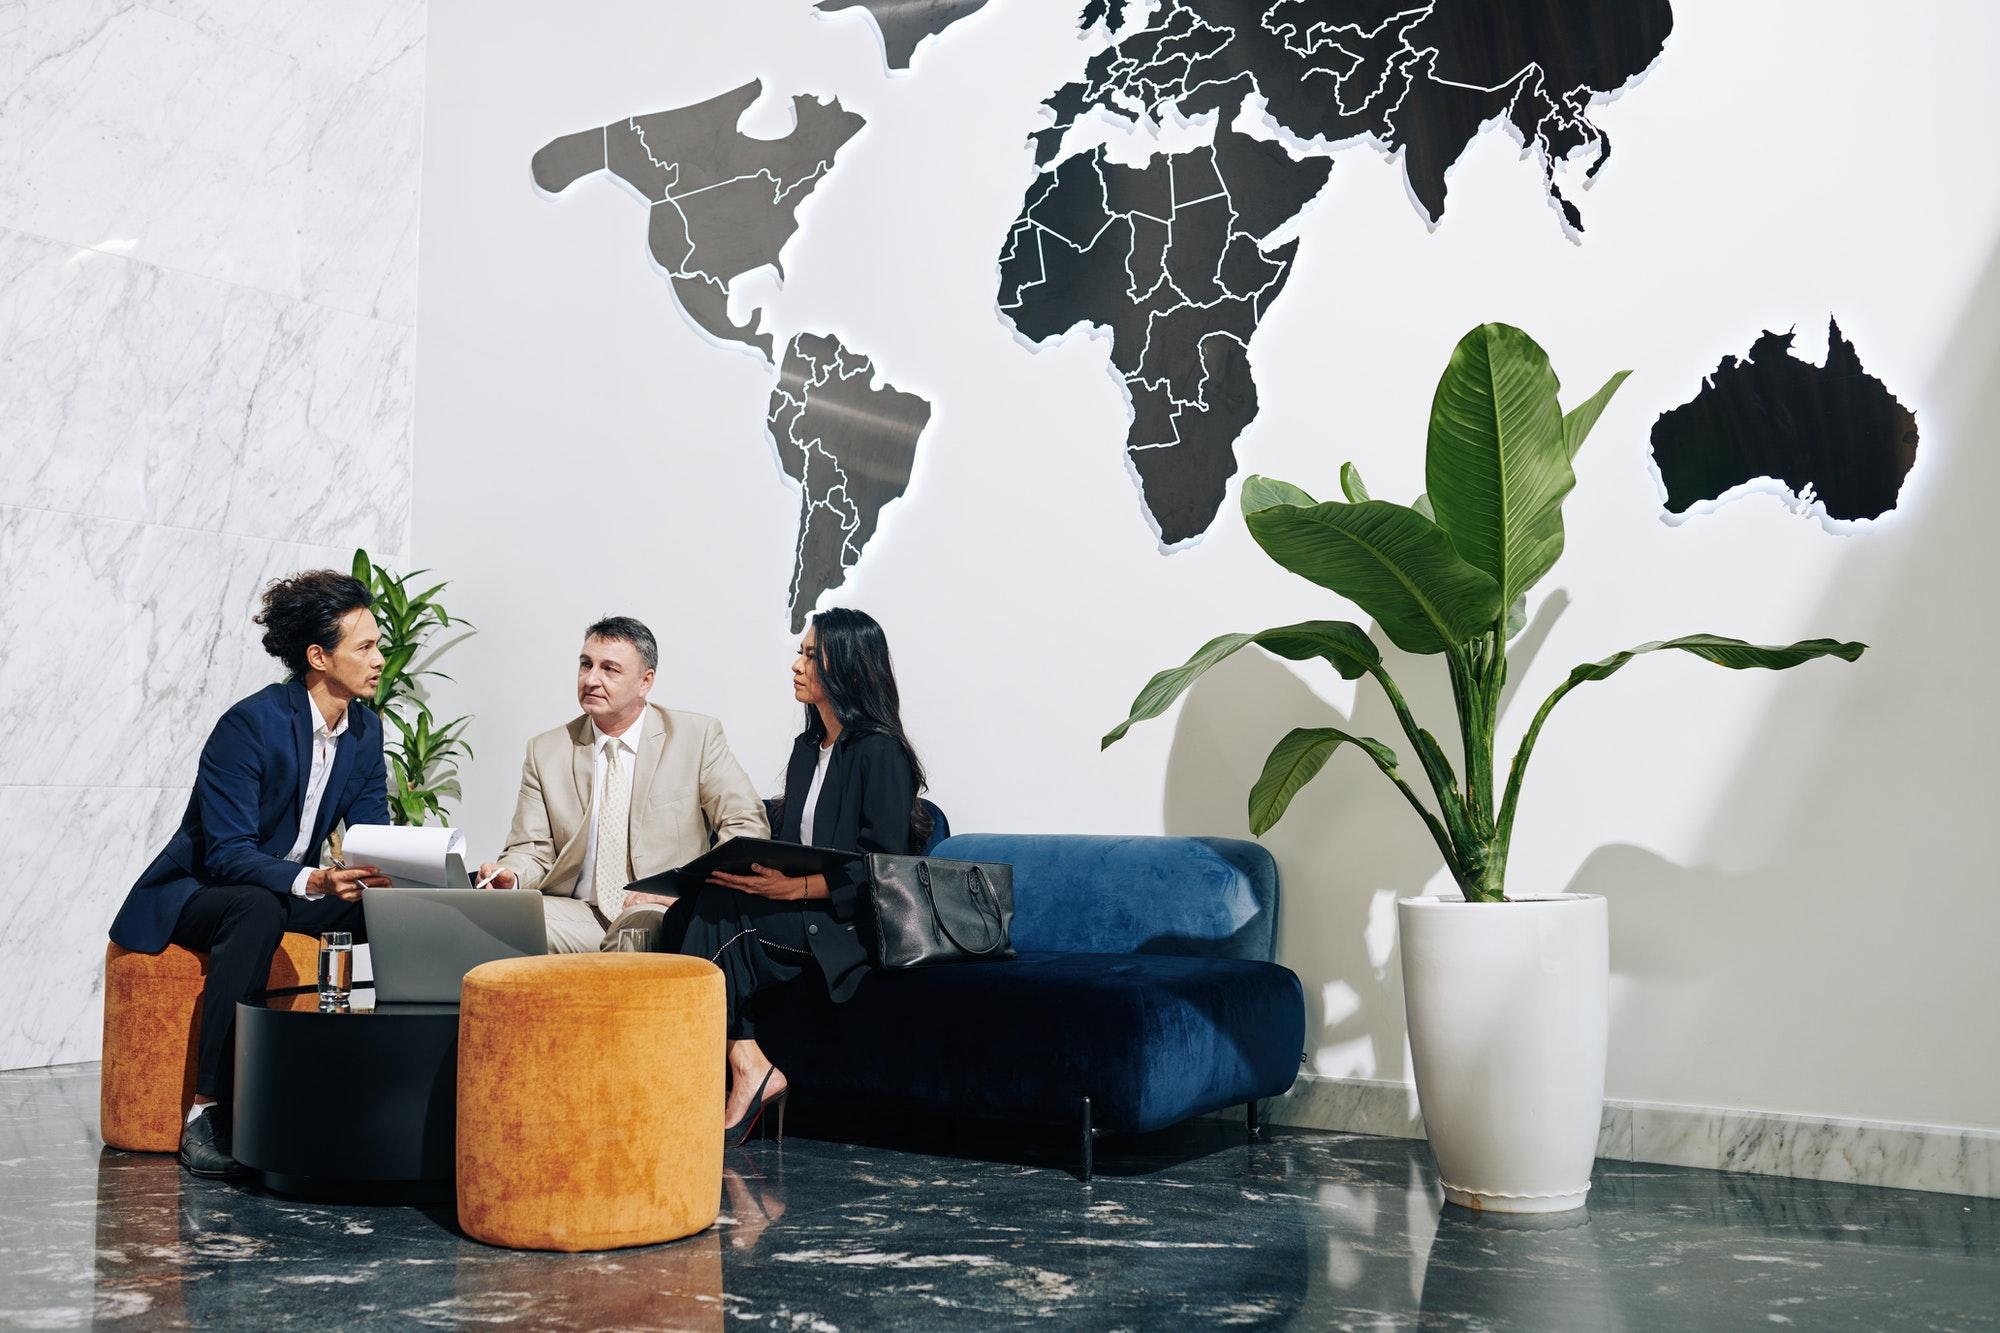 People meeting in modern